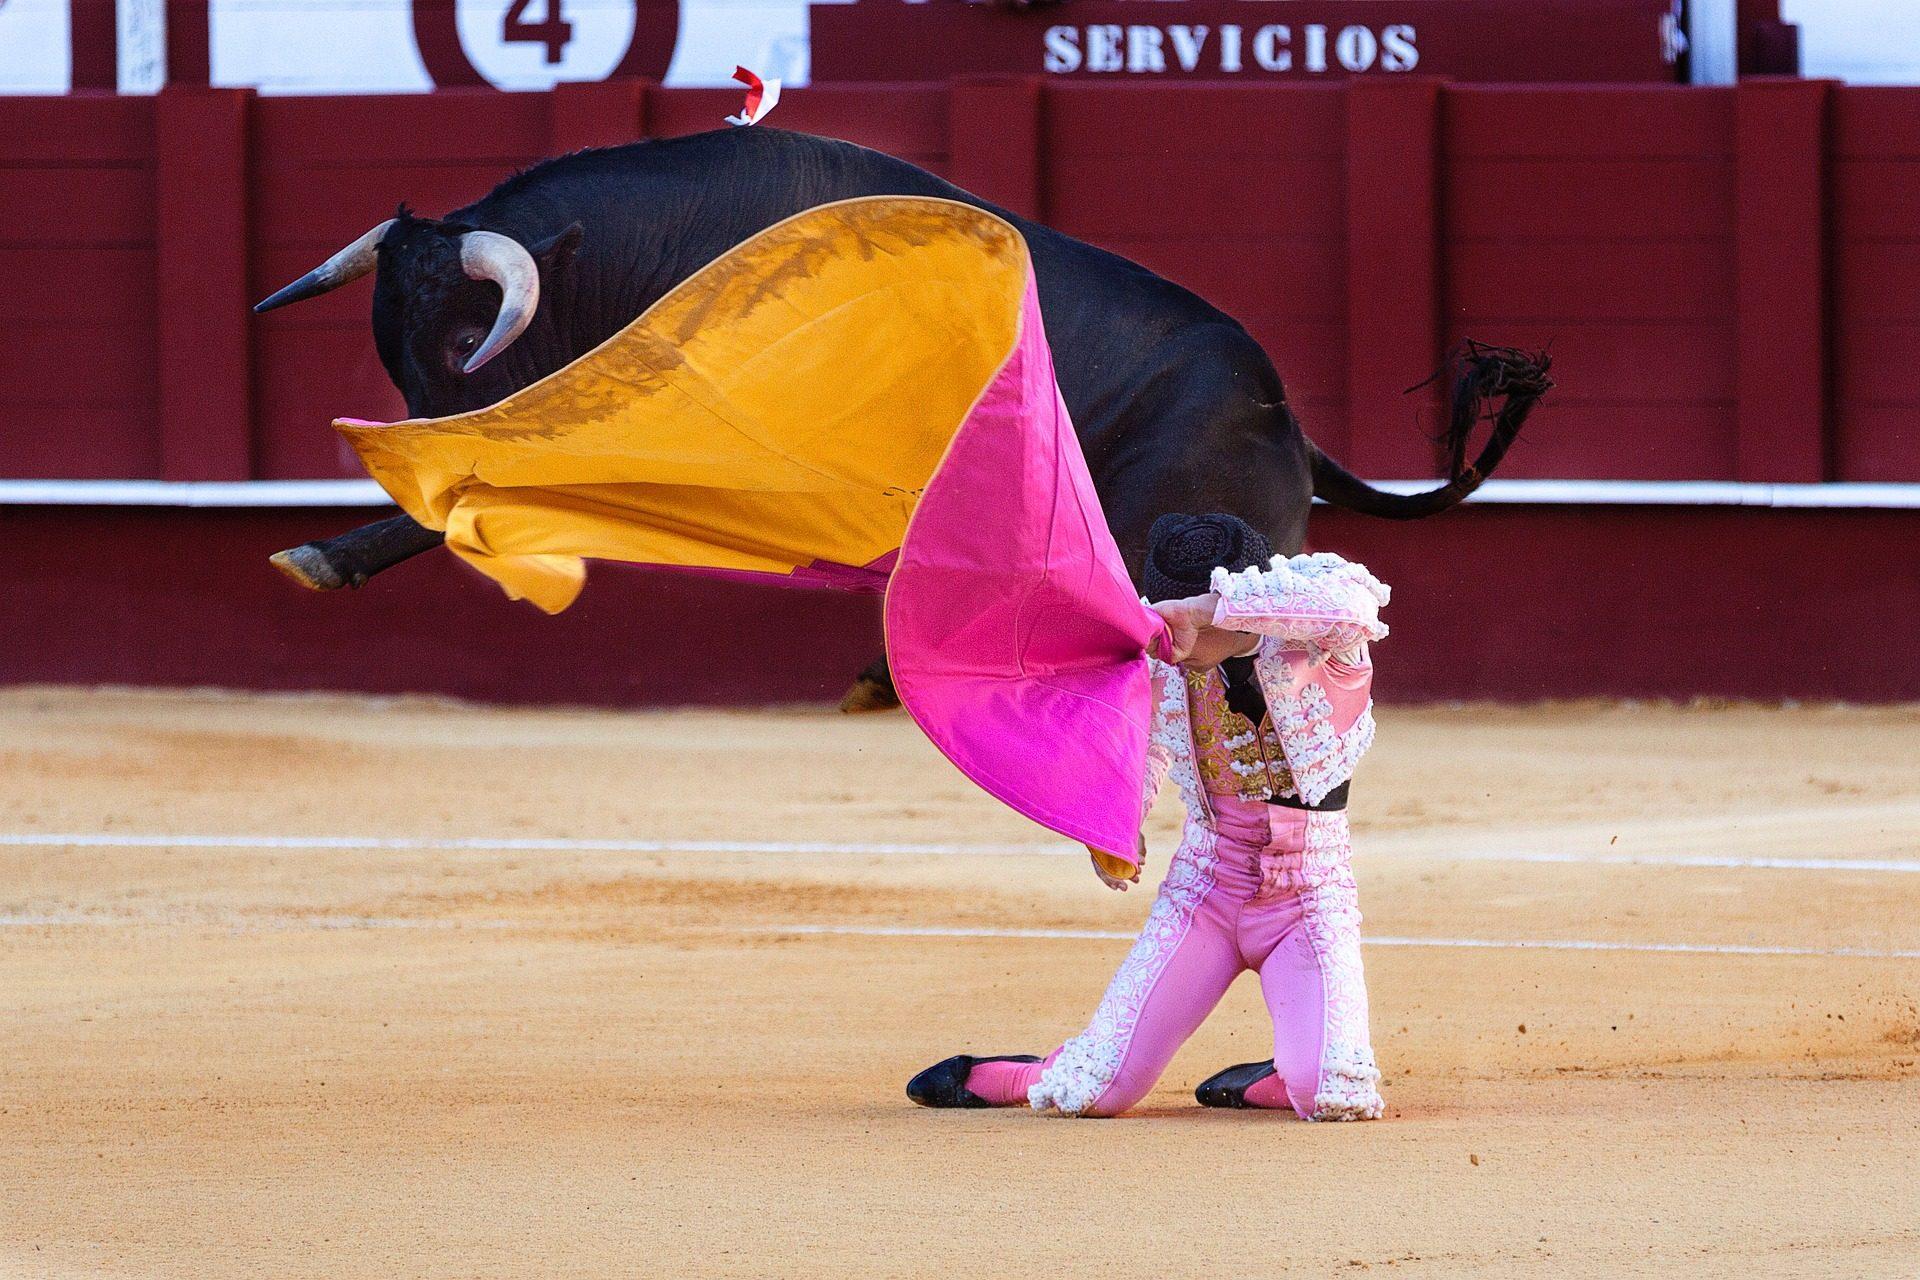 Коррида, Торо, Тореро, Празднование, костюм, фары, Испания - Обои HD - Профессор falken.com